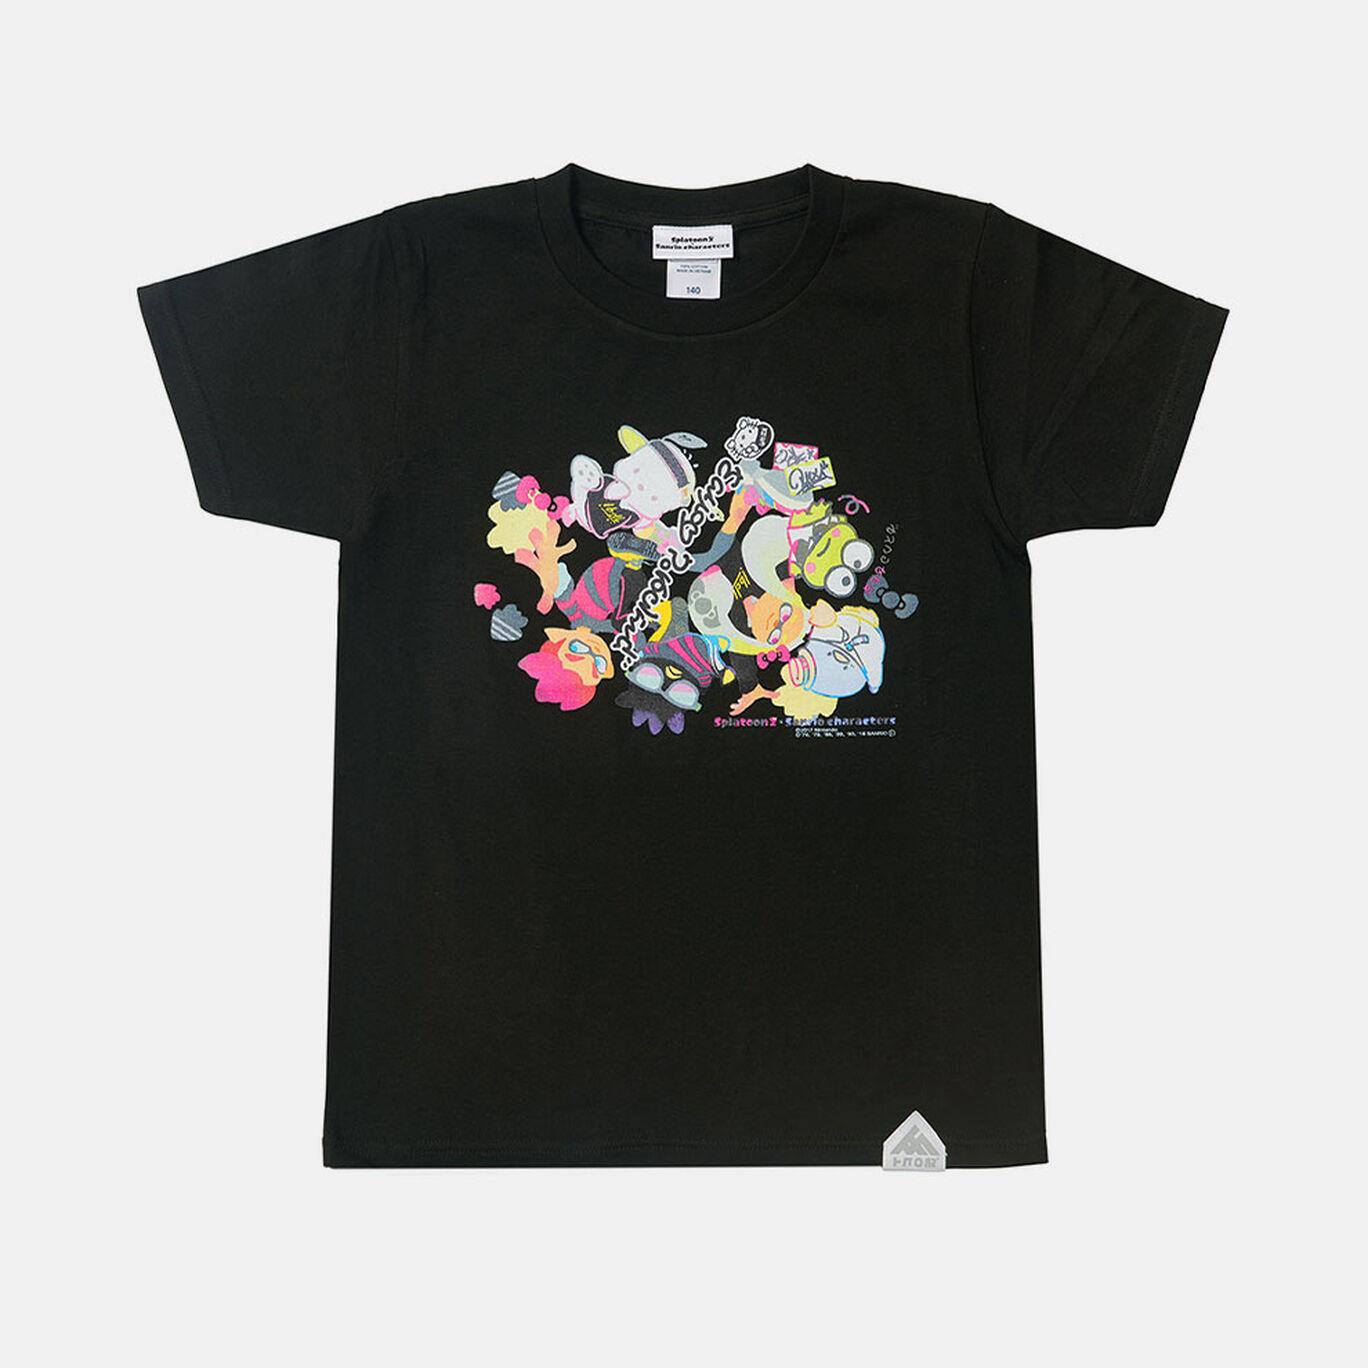 スプラトゥーン2×サンリオキャラクターズ Tシャツ ガール&ボーイ